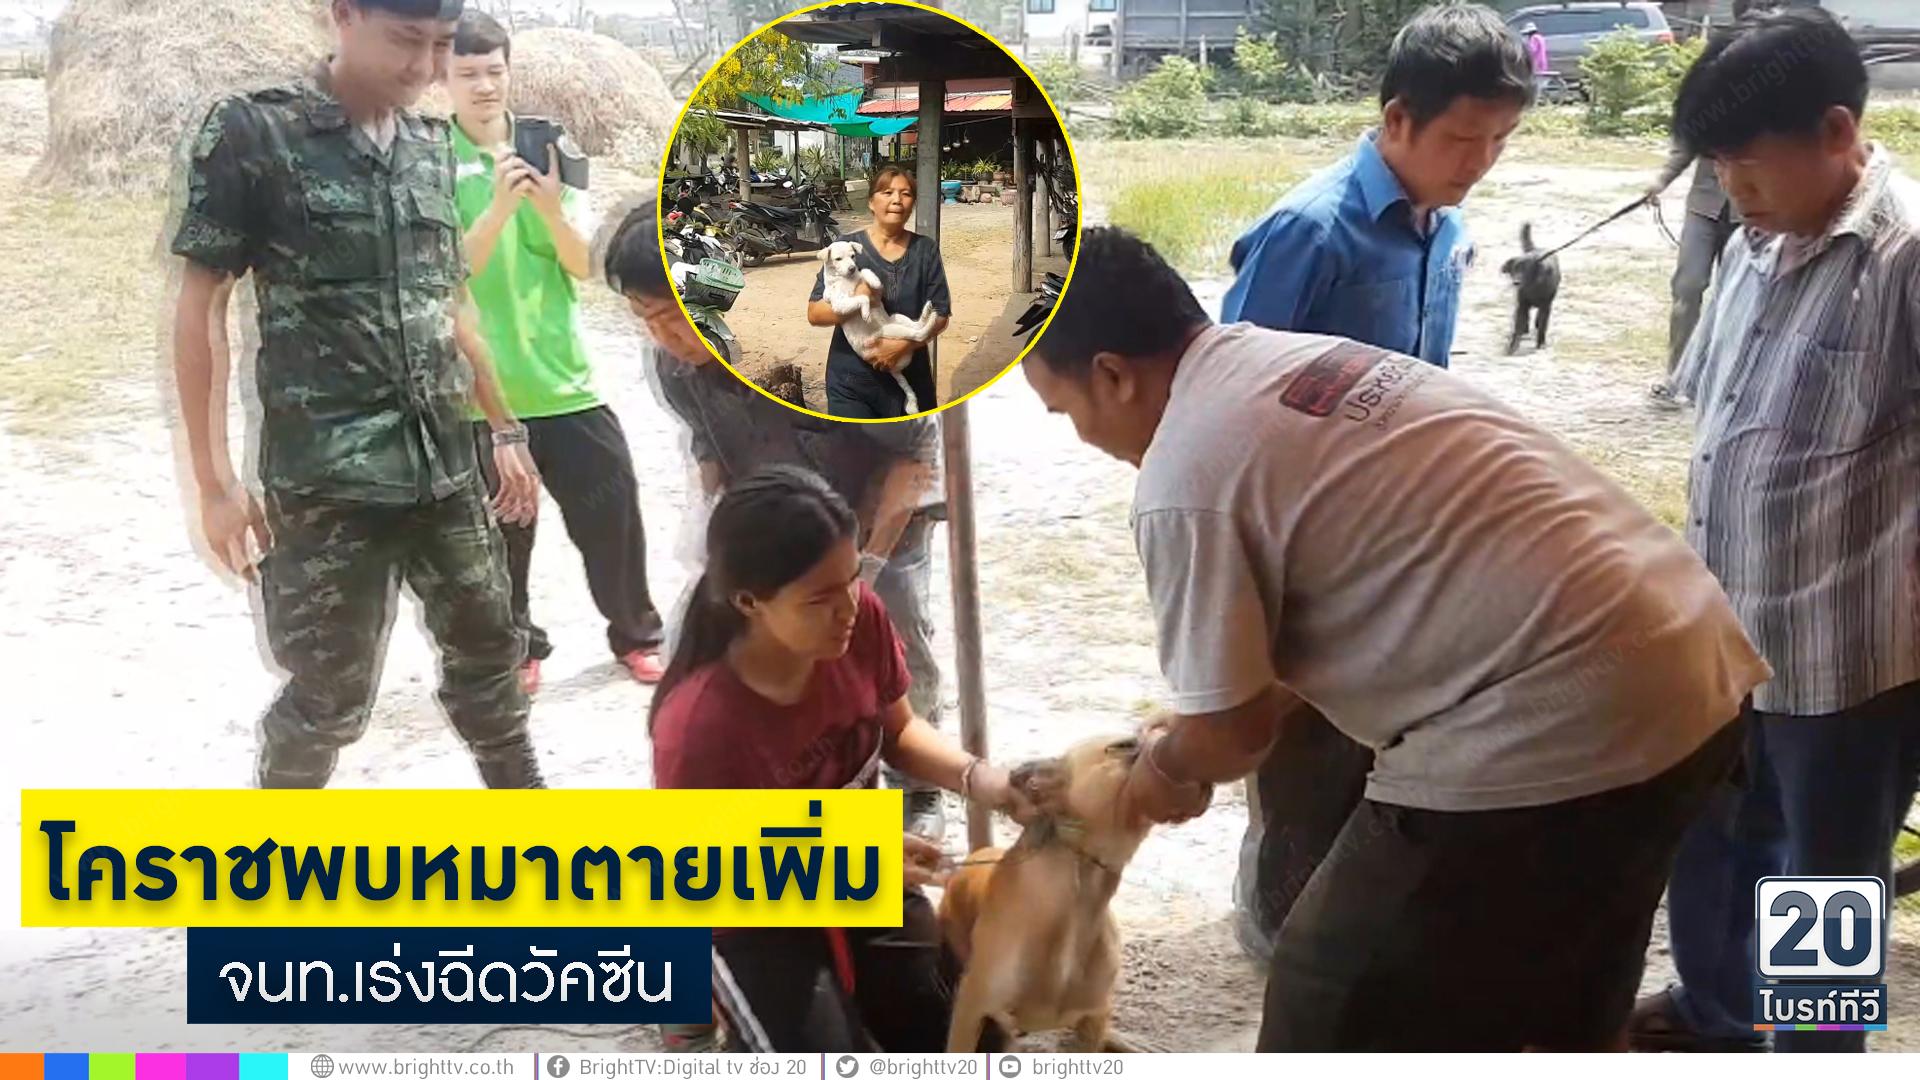 โคราชพบหมาตายเพิ่ม จนท.เร่งฉีดวัคซีน